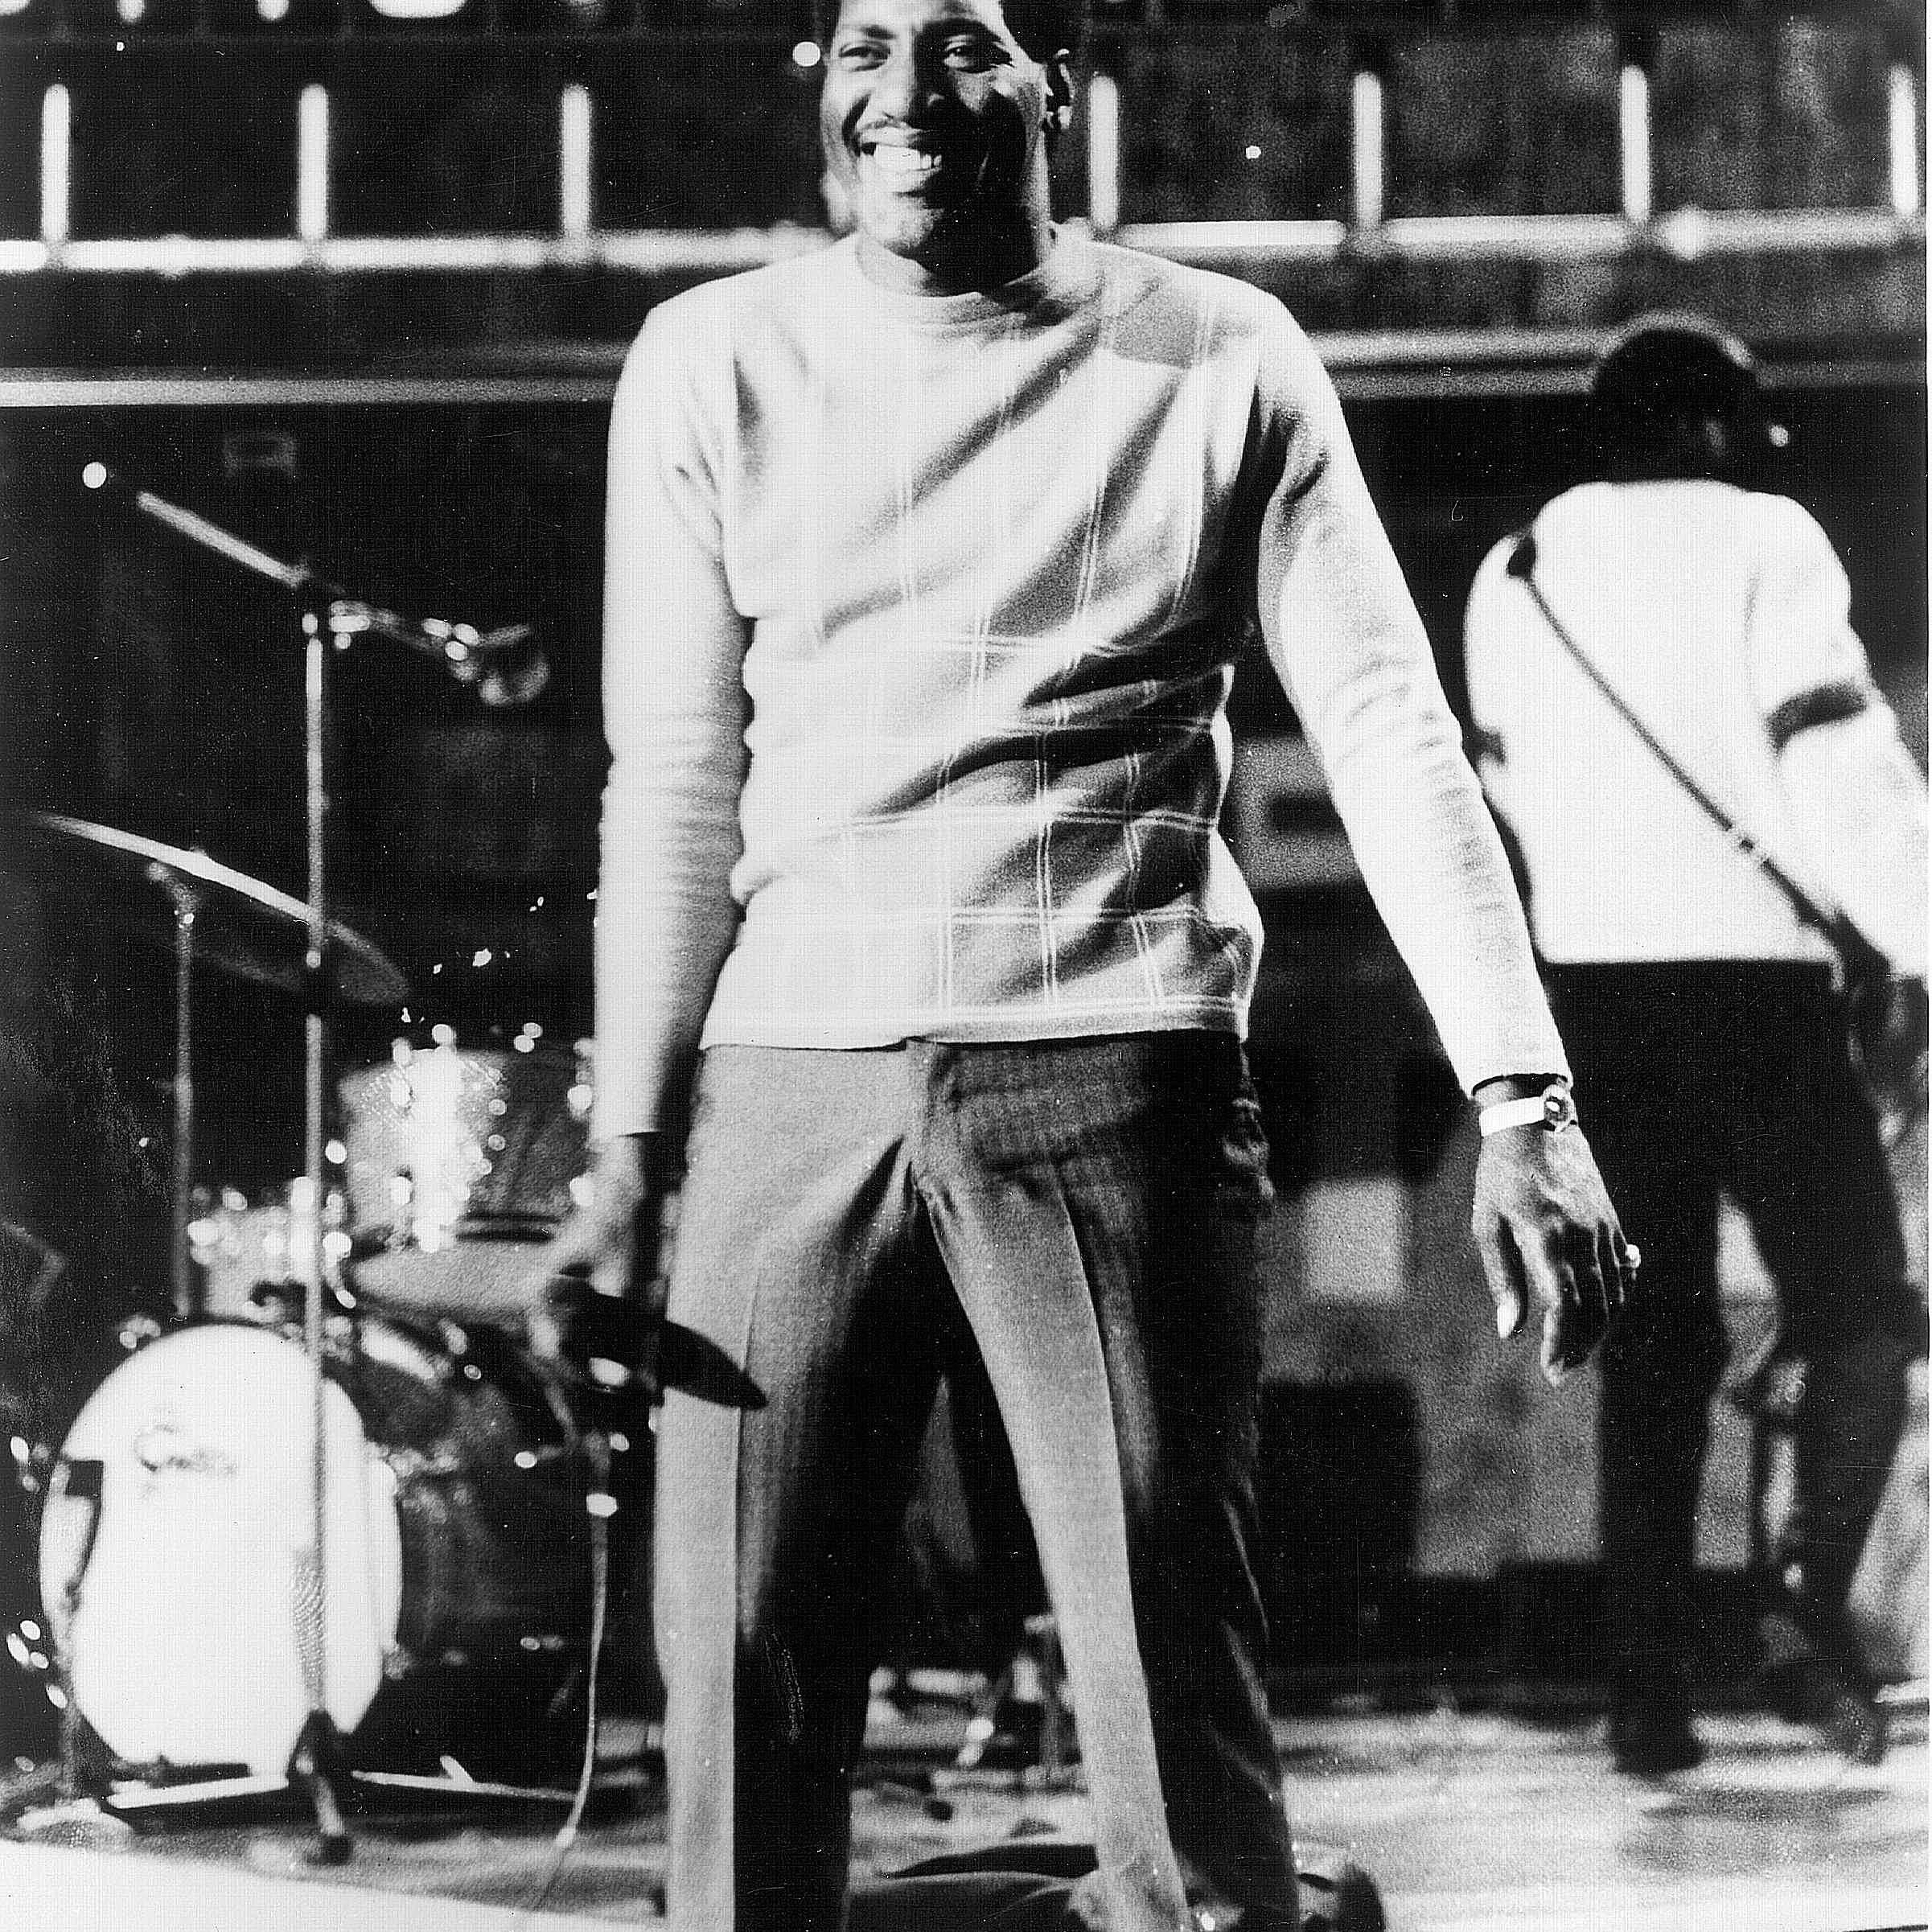 Otis Redding during a performance